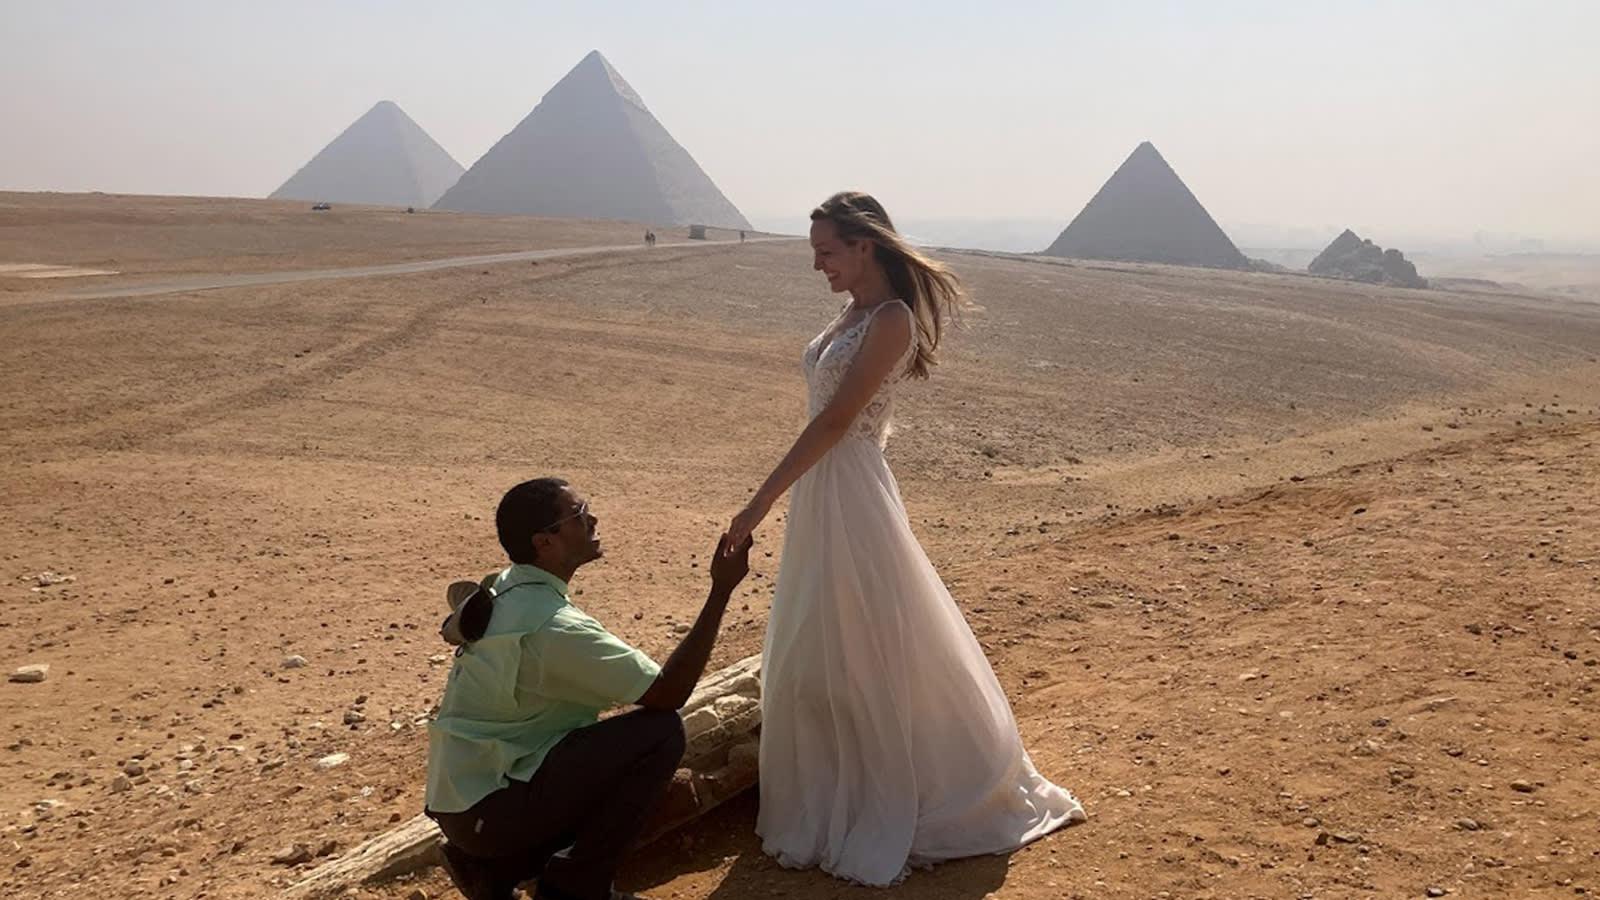 سافرت به إلى مصر والأردن والمغرب..أمريكية تجوب العالم بفستان زفافها